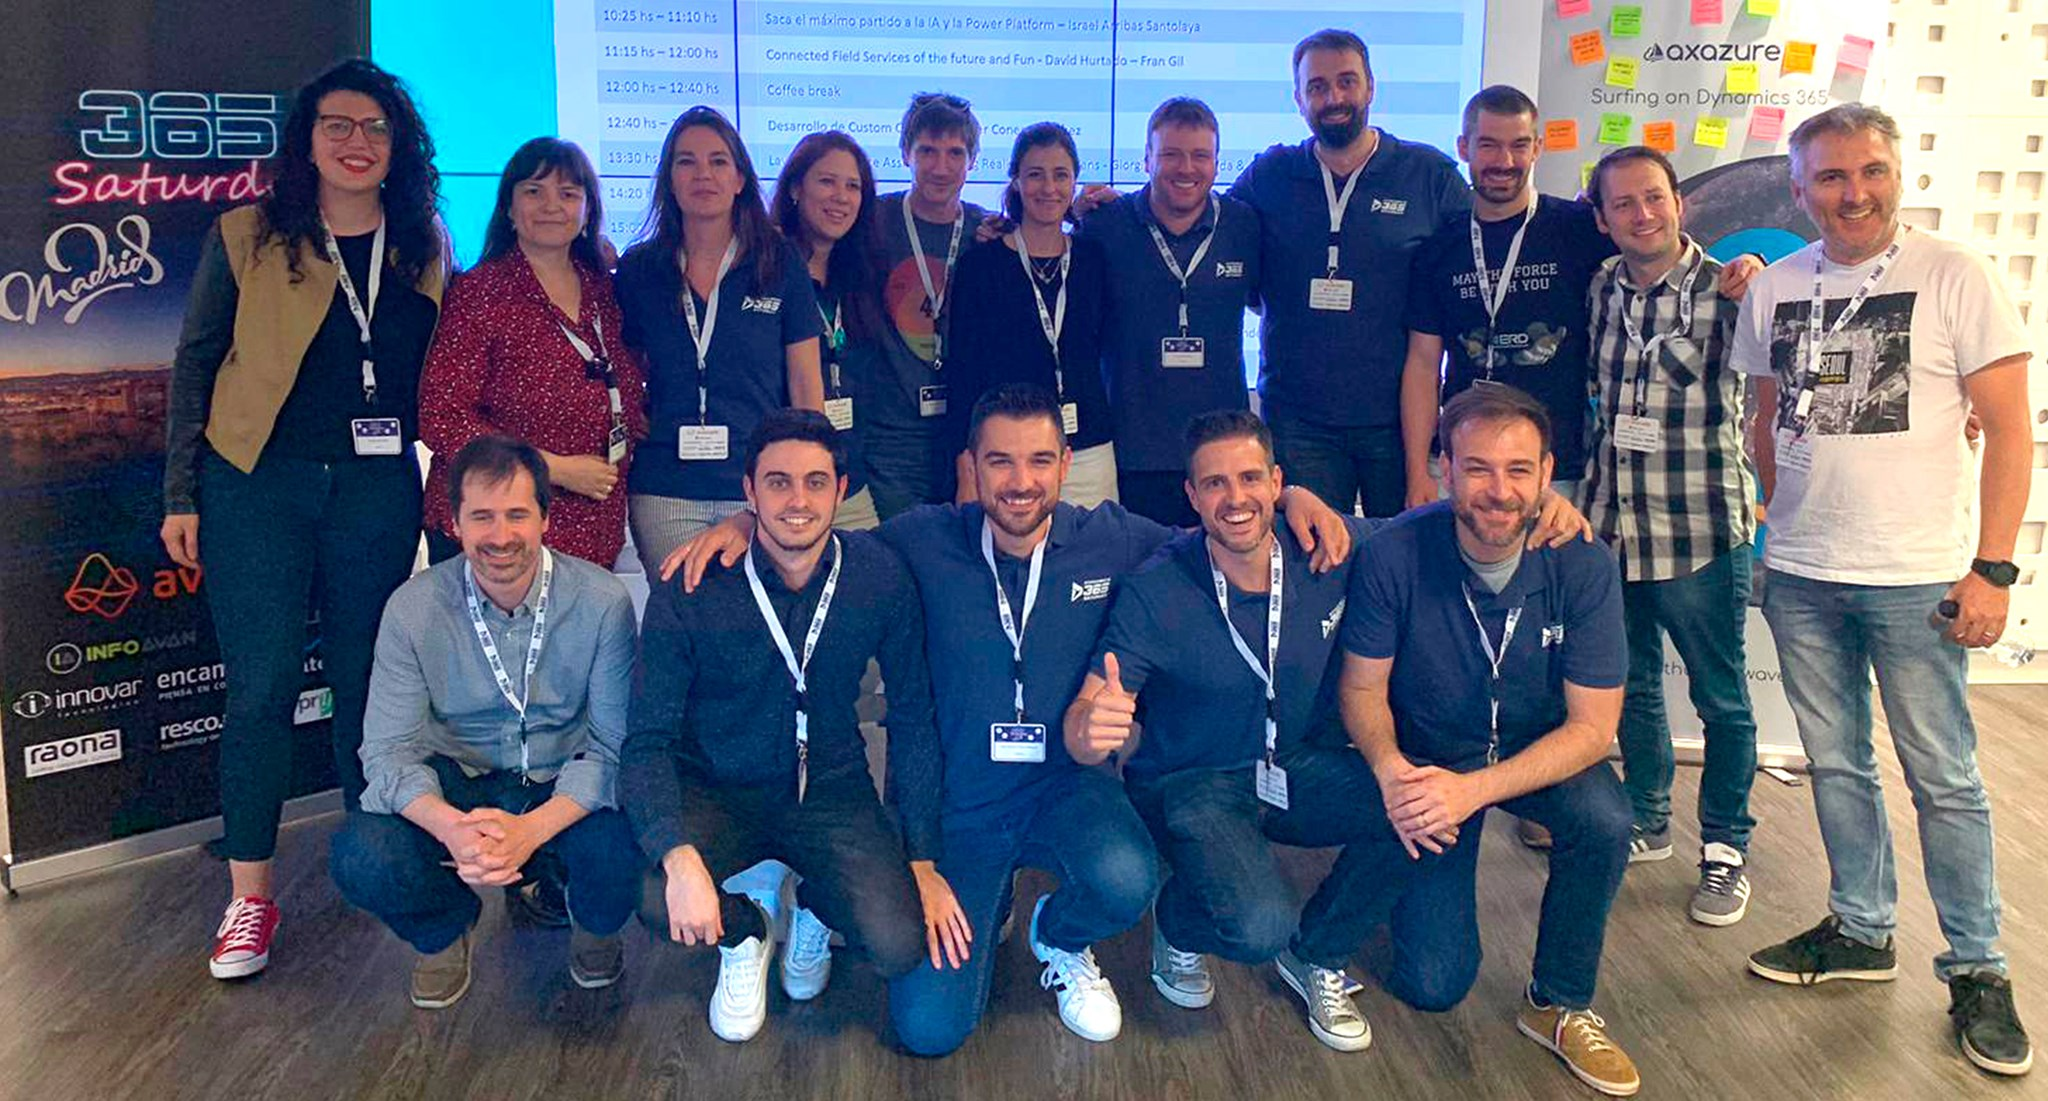 Dynamics 365 Saturday Madrid 2019